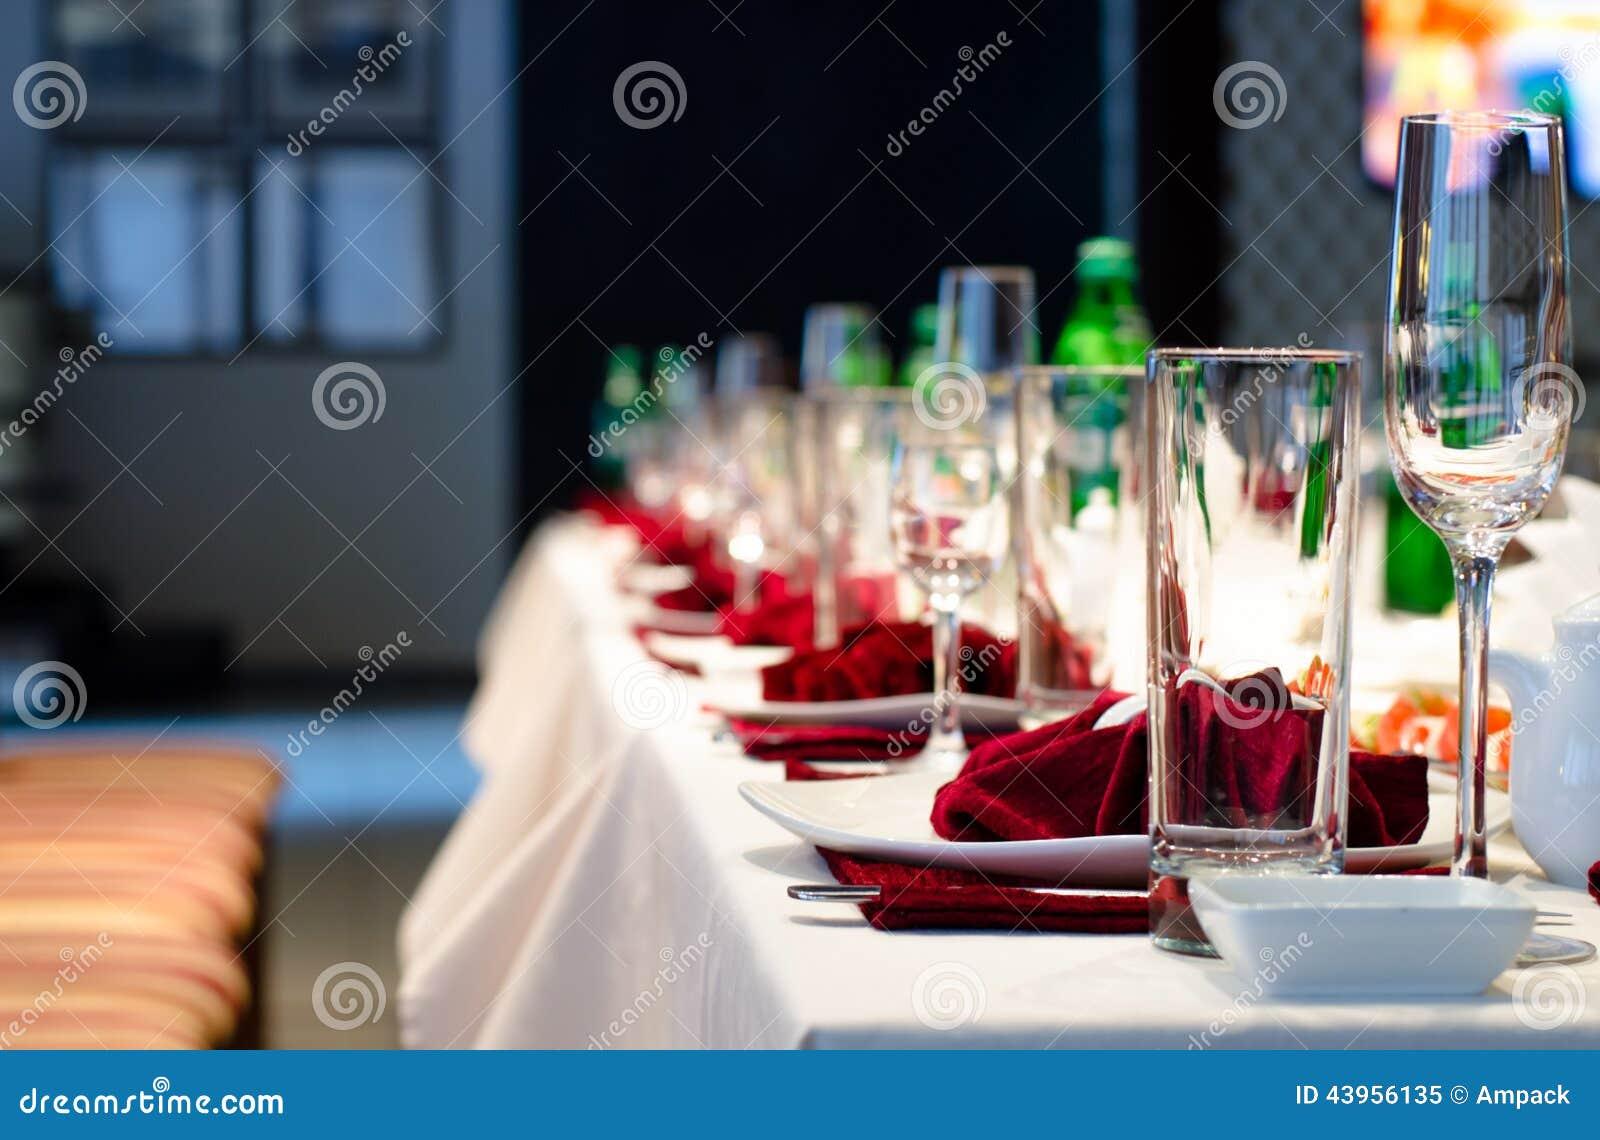 Официально стильная установка на обеденном столе